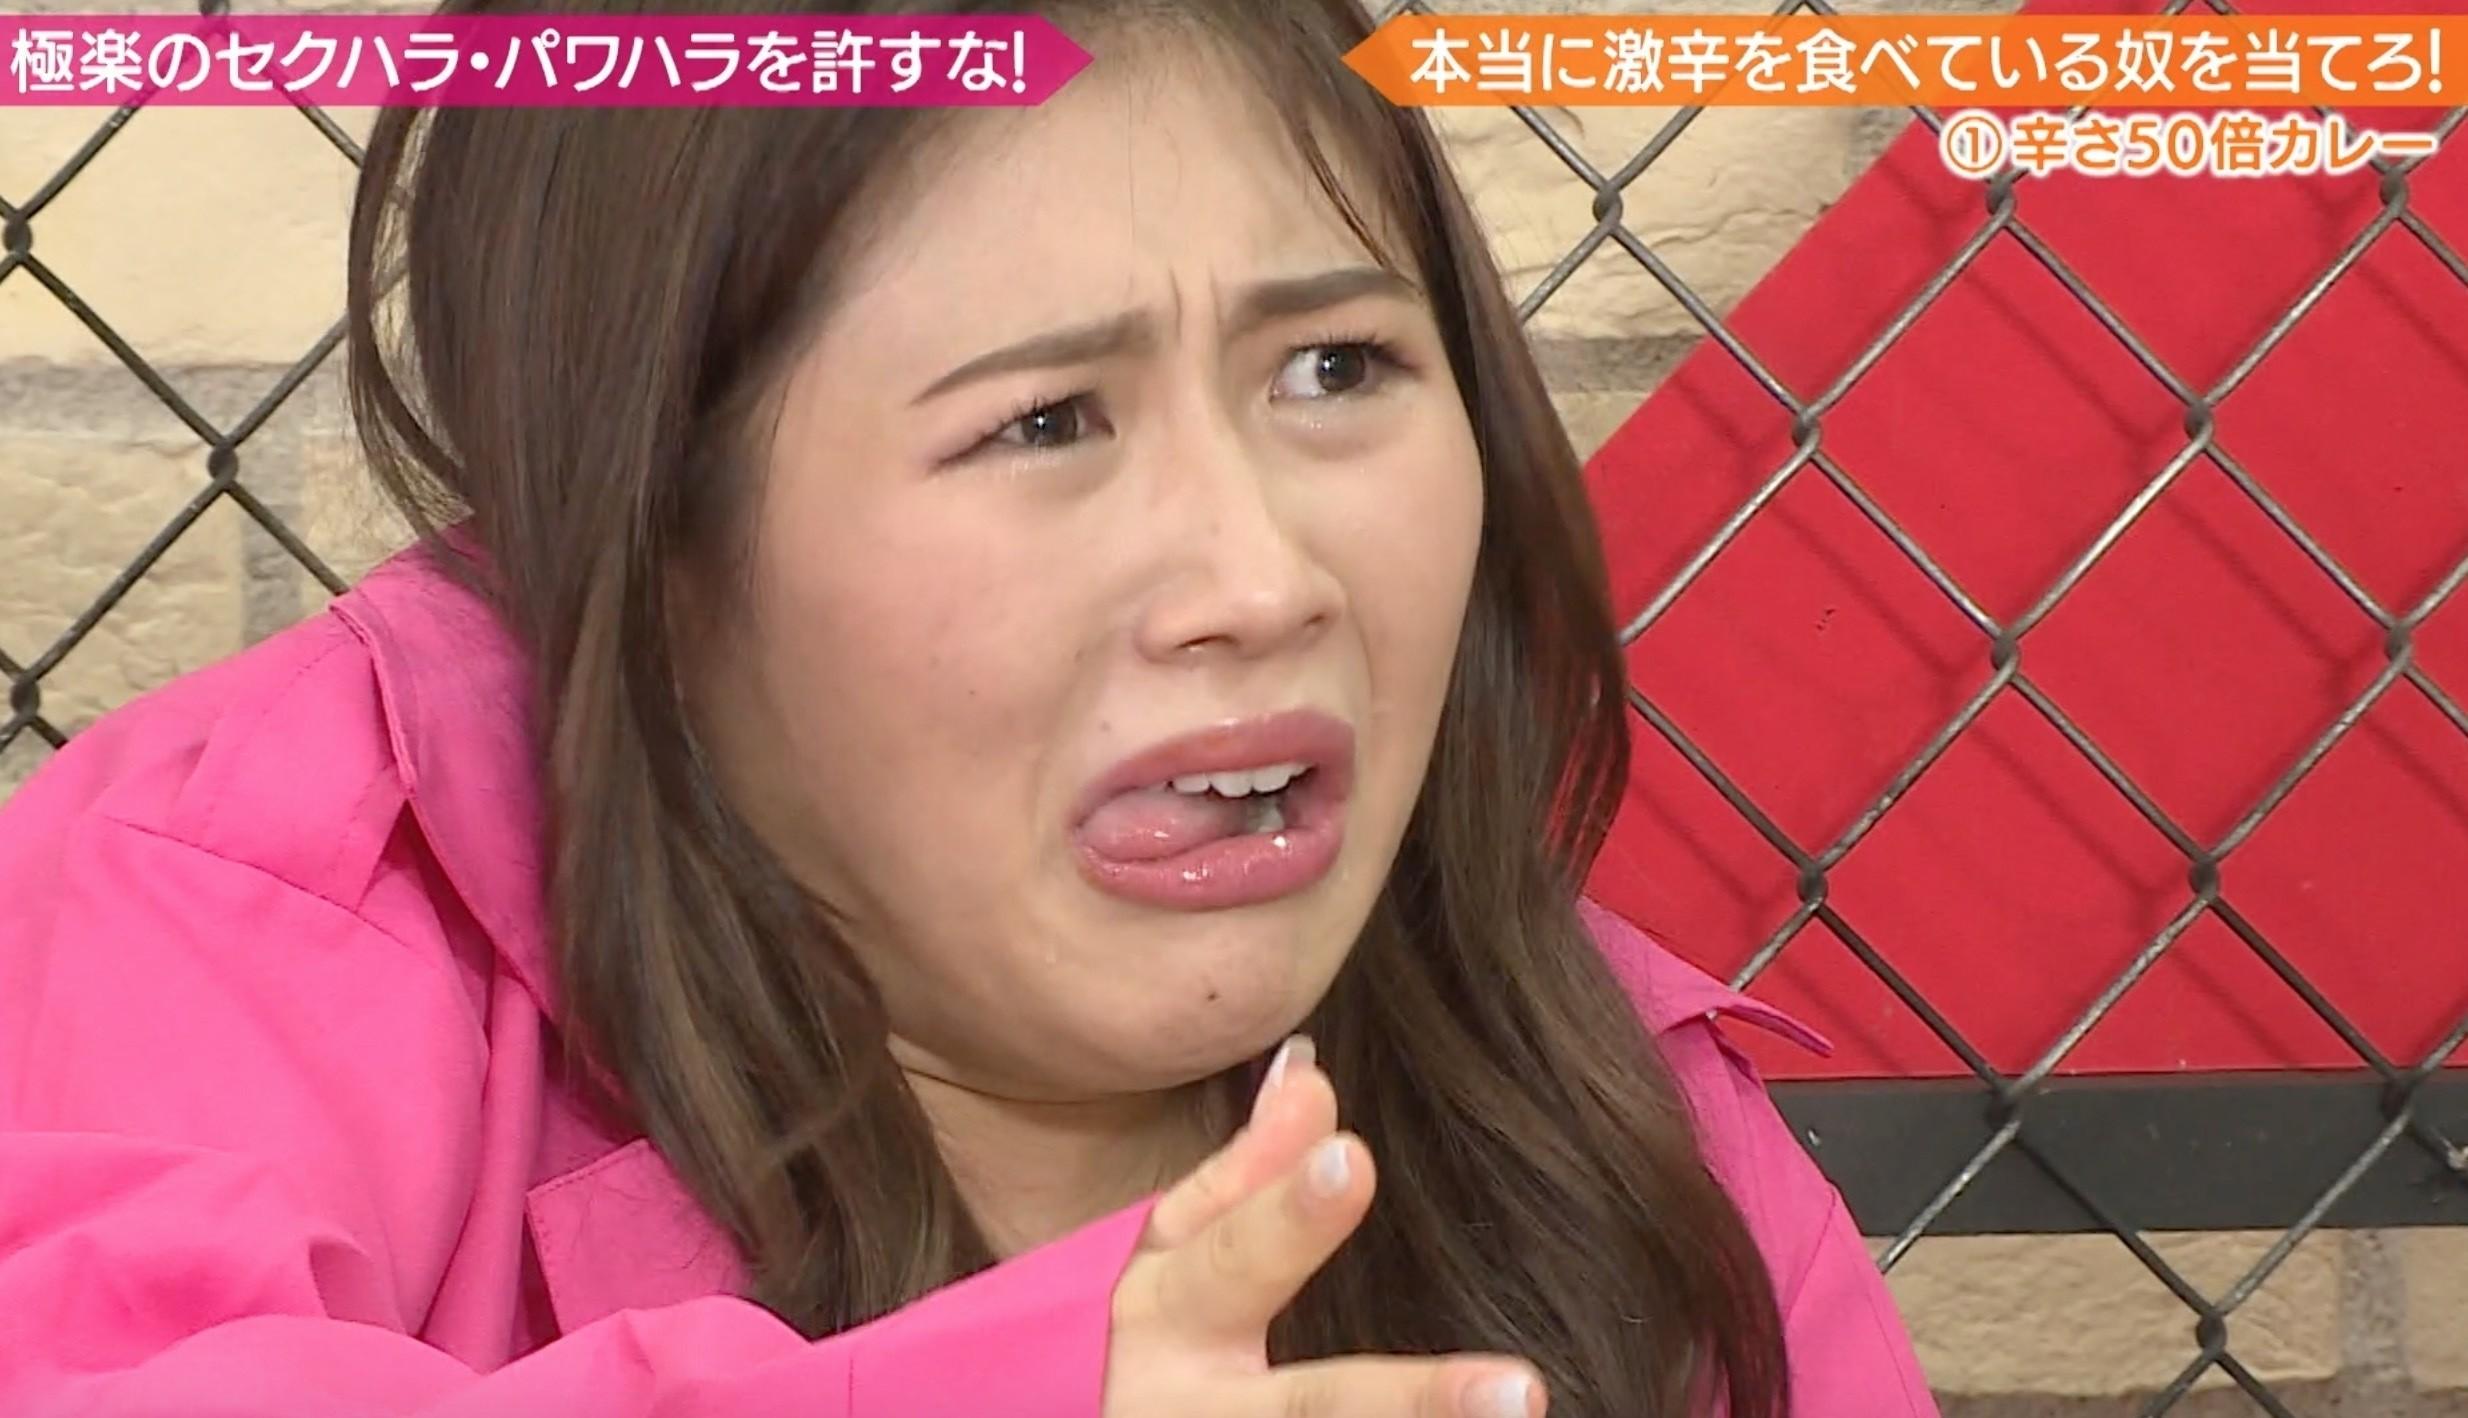 西野未姫の舌出し (2)